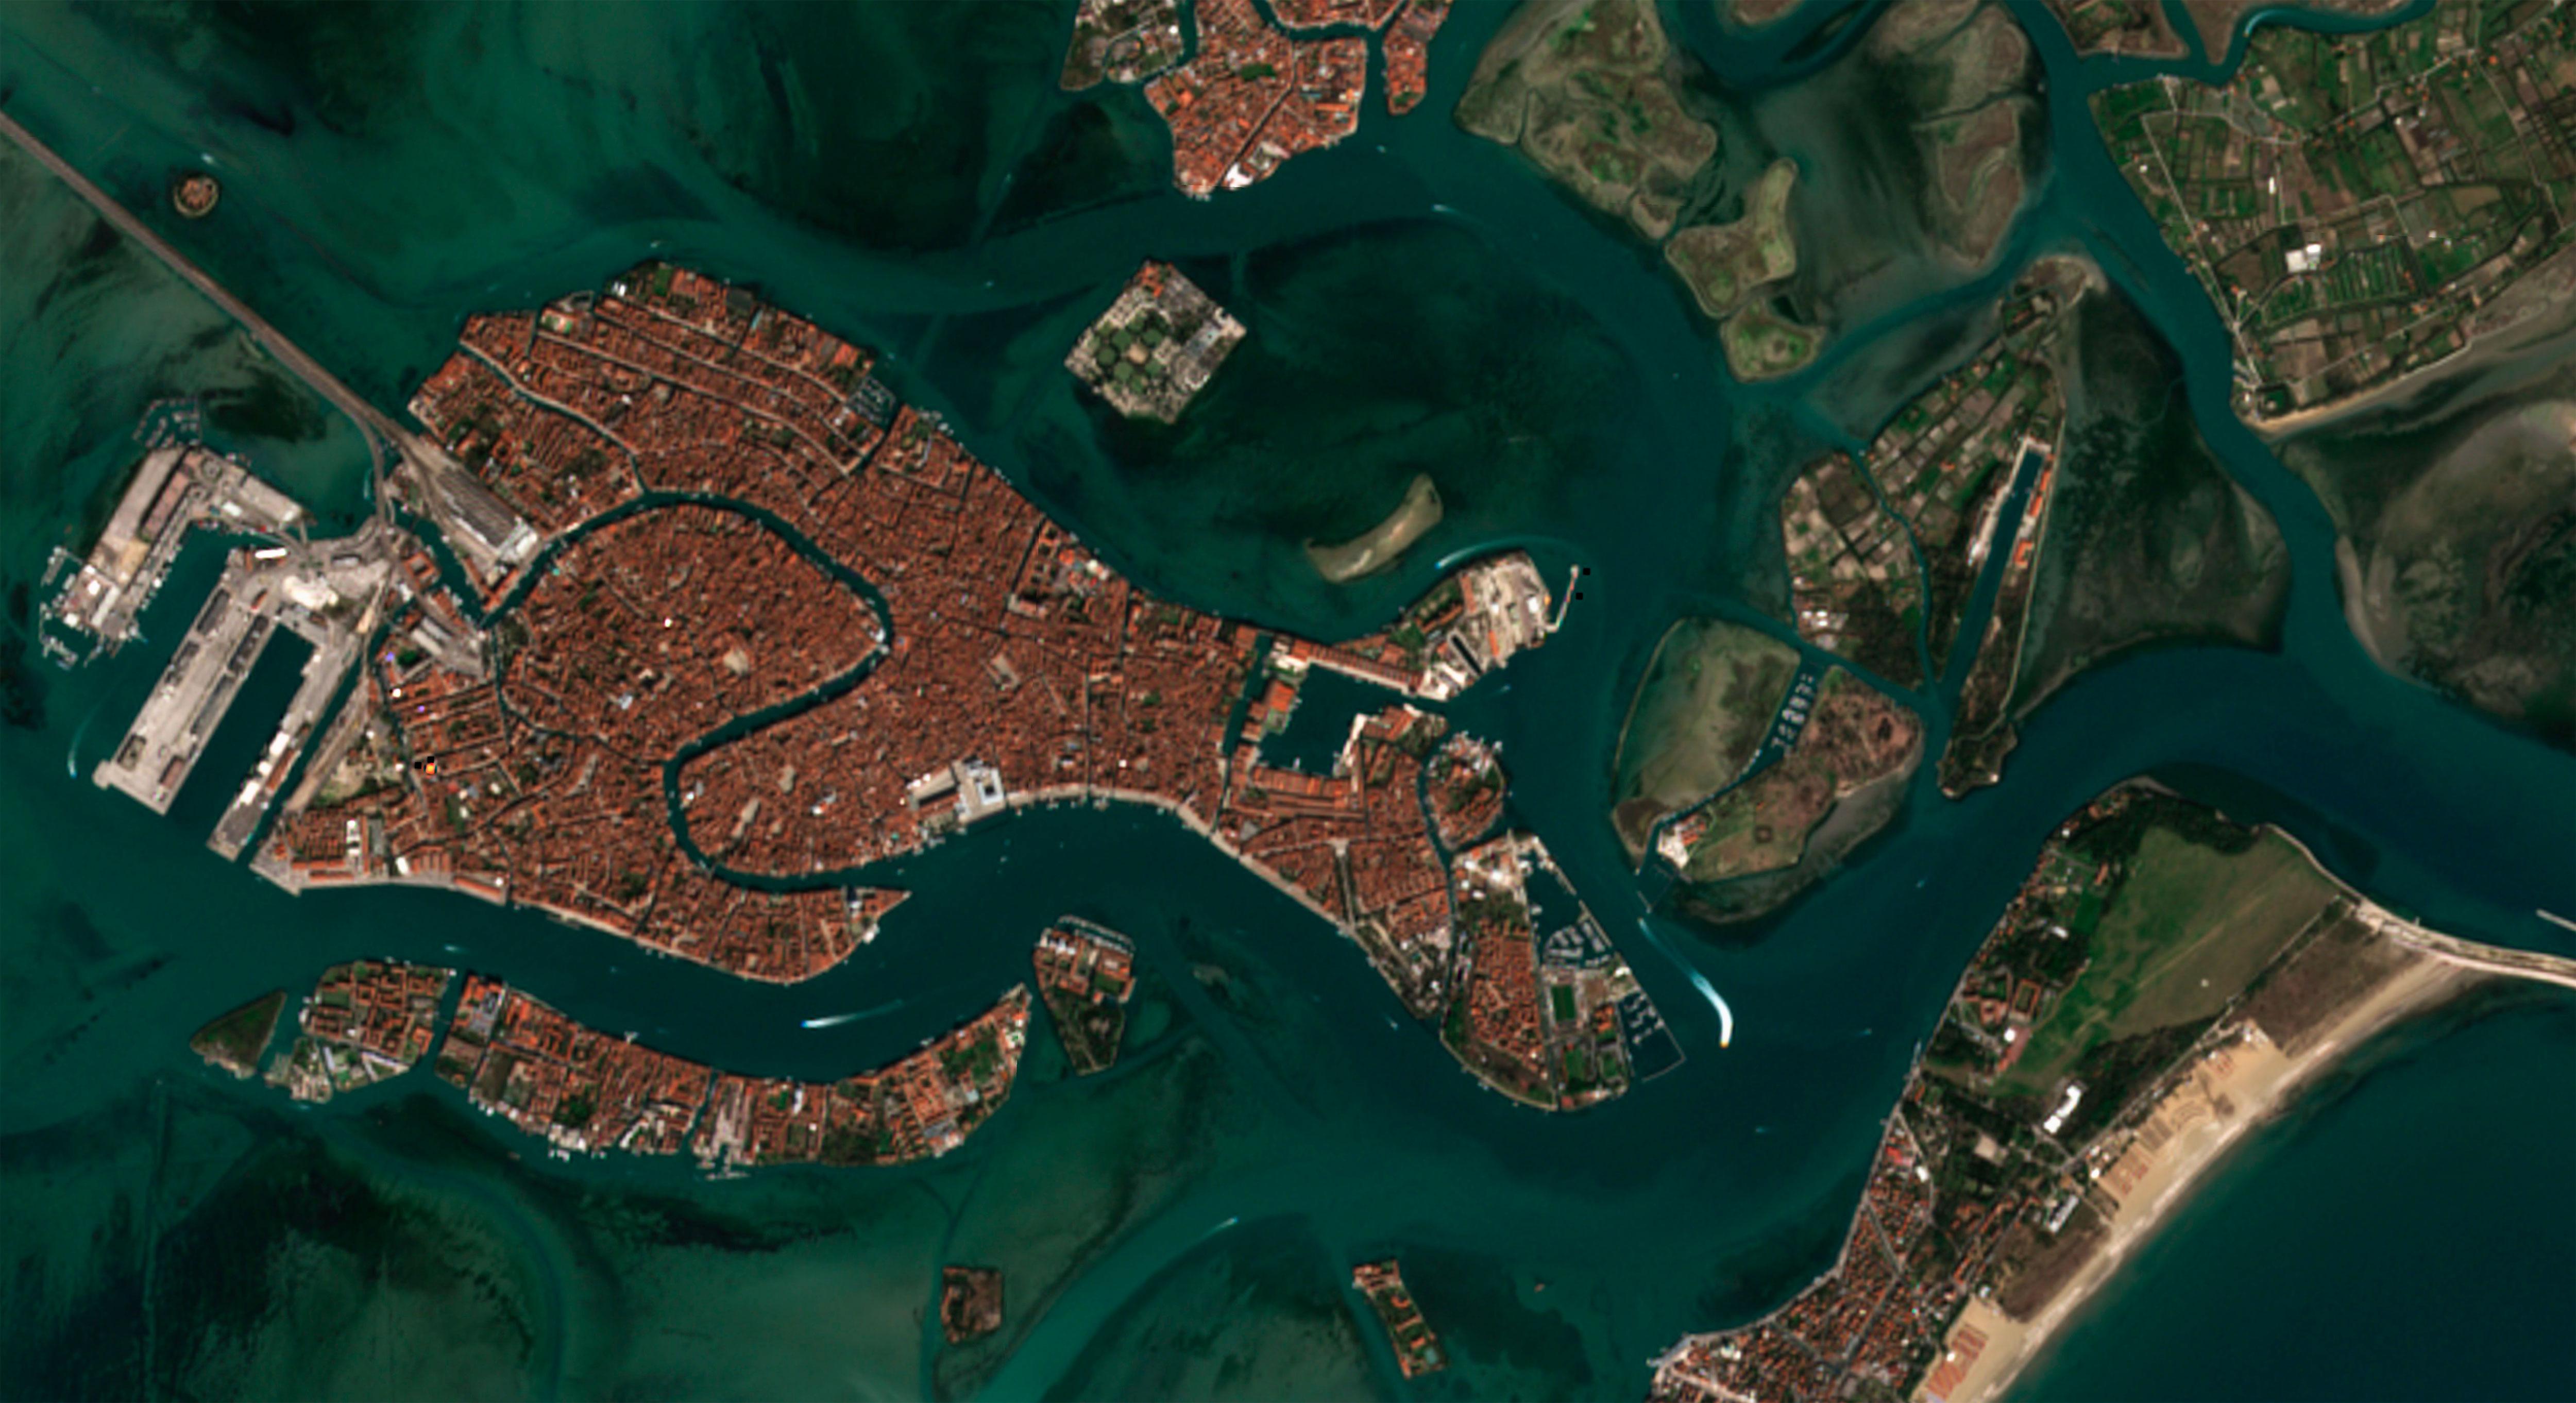 Venezia aislada por coronavirus covid-19